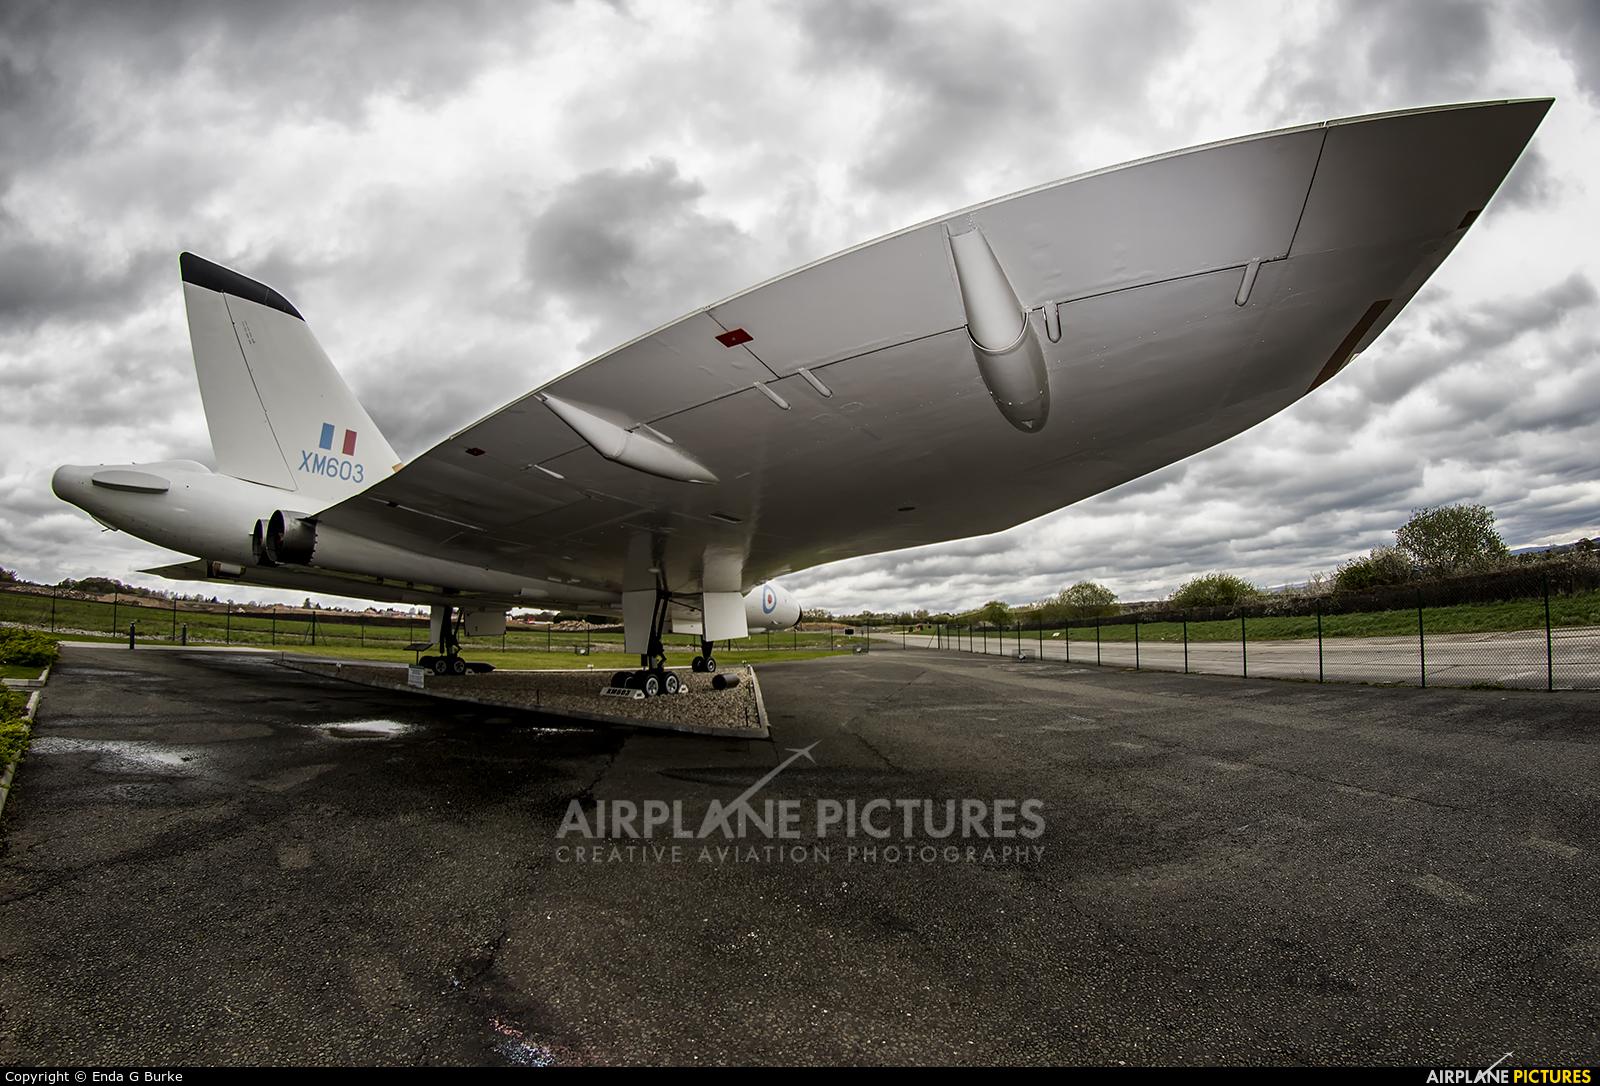 Royal Air Force XM603 aircraft at Woodford